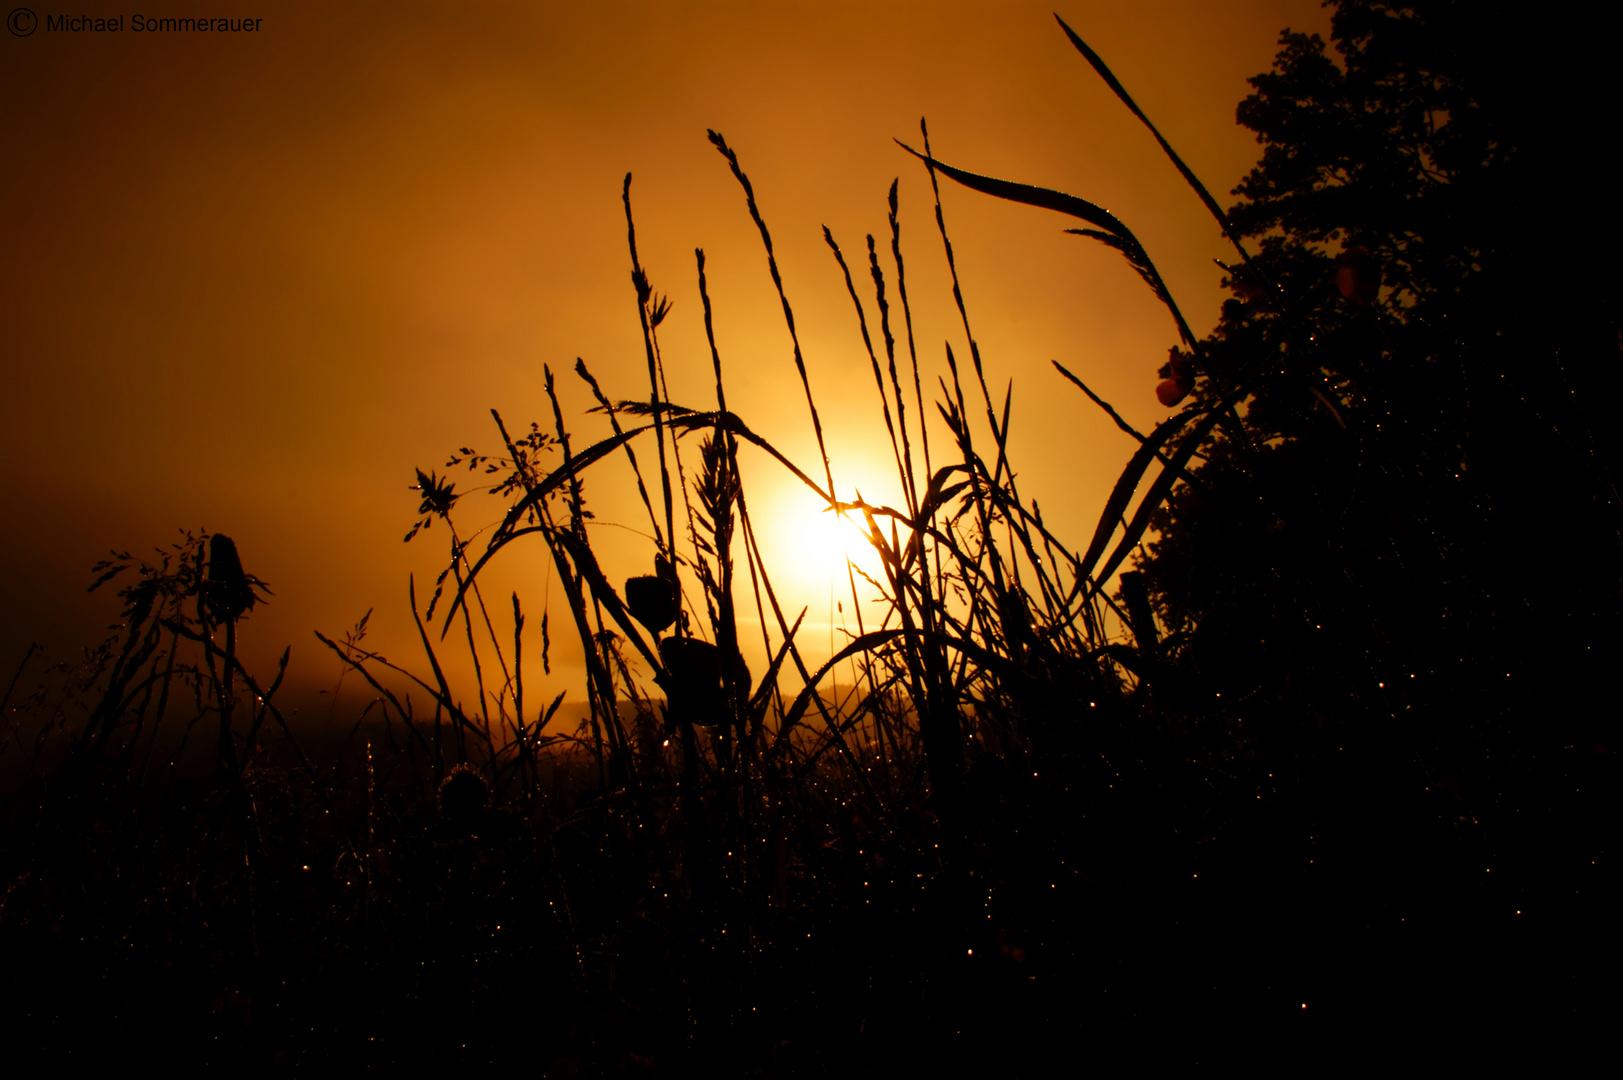 Sonnenaufgang in der Wiese